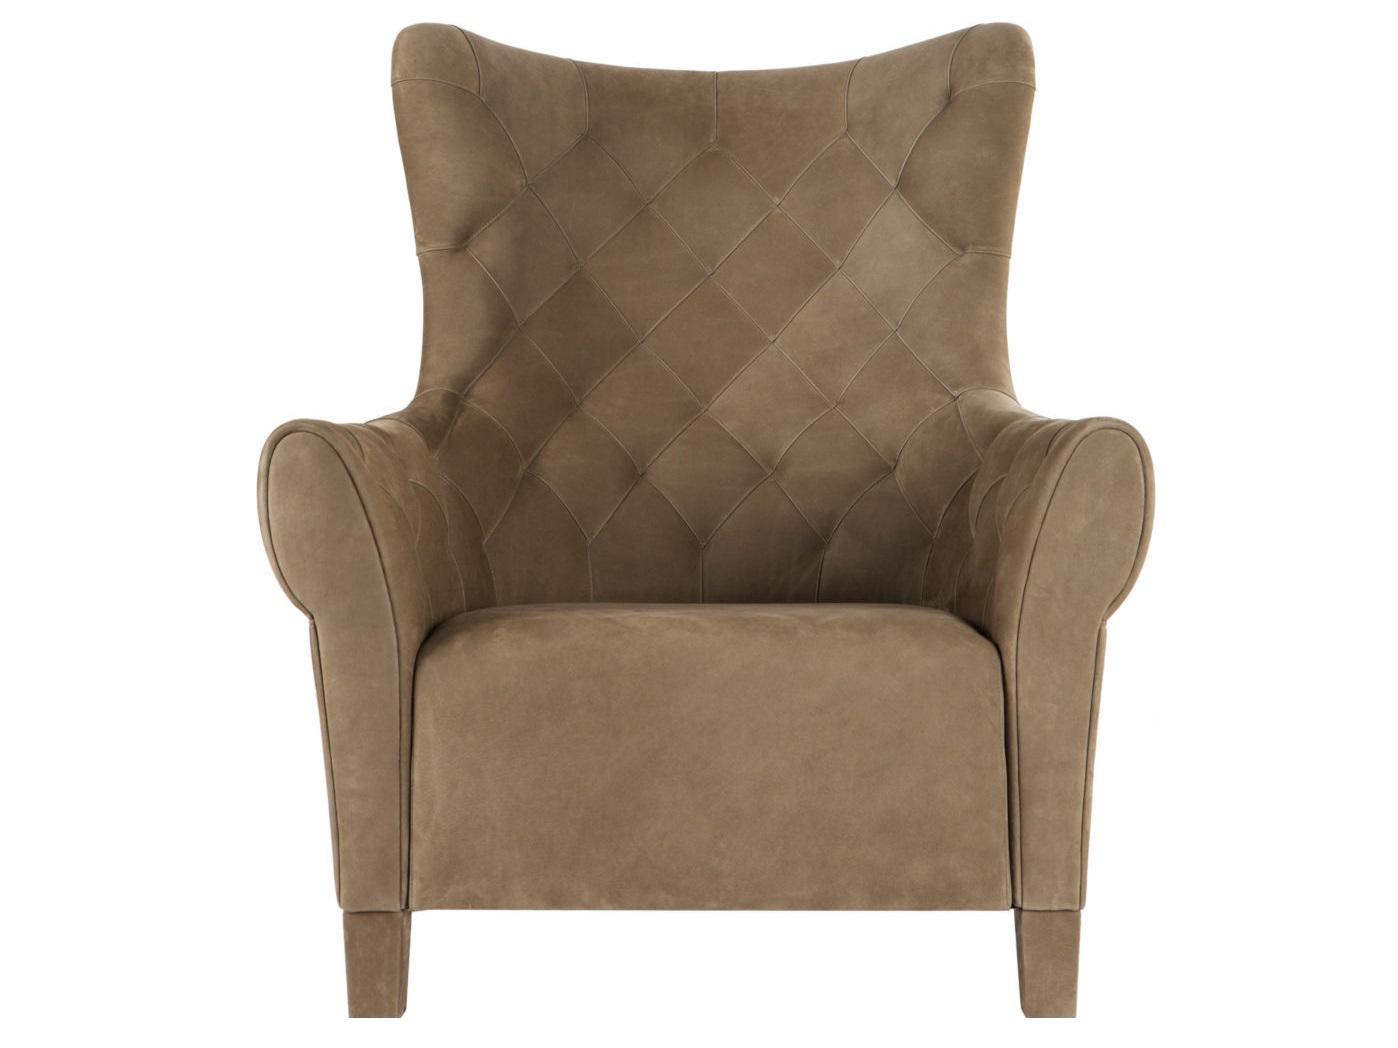 КреслоИнтерьерные кресла<br><br><br>Material: Кожа<br>Ширина см: 92.0<br>Высота см: 110.0<br>Глубина см: 96.0